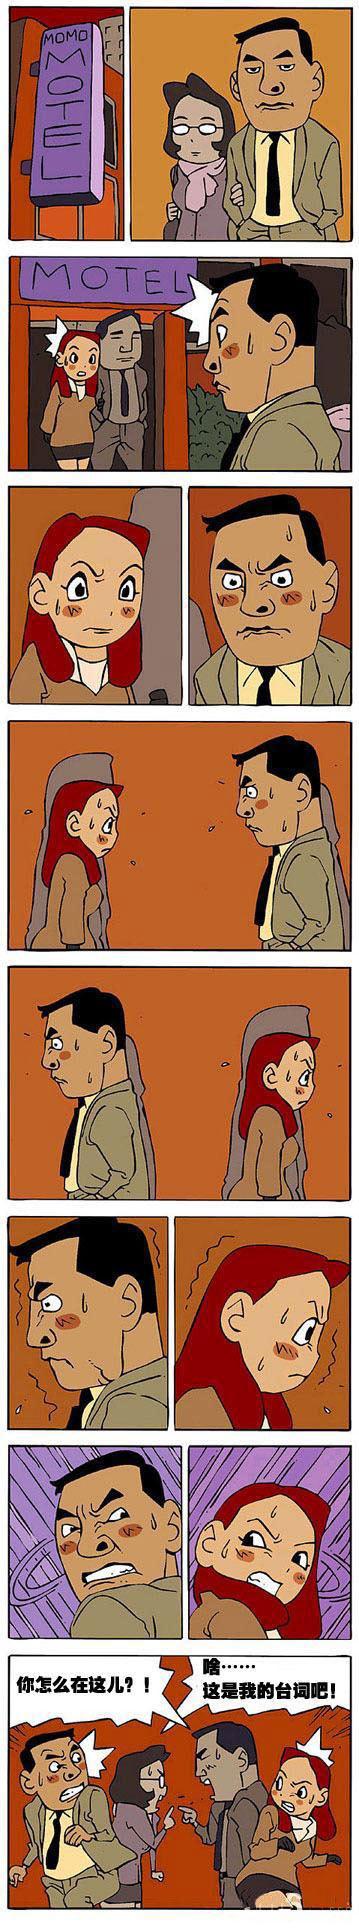 很囧的漫画 - 弗林特 - flint10000 的博客